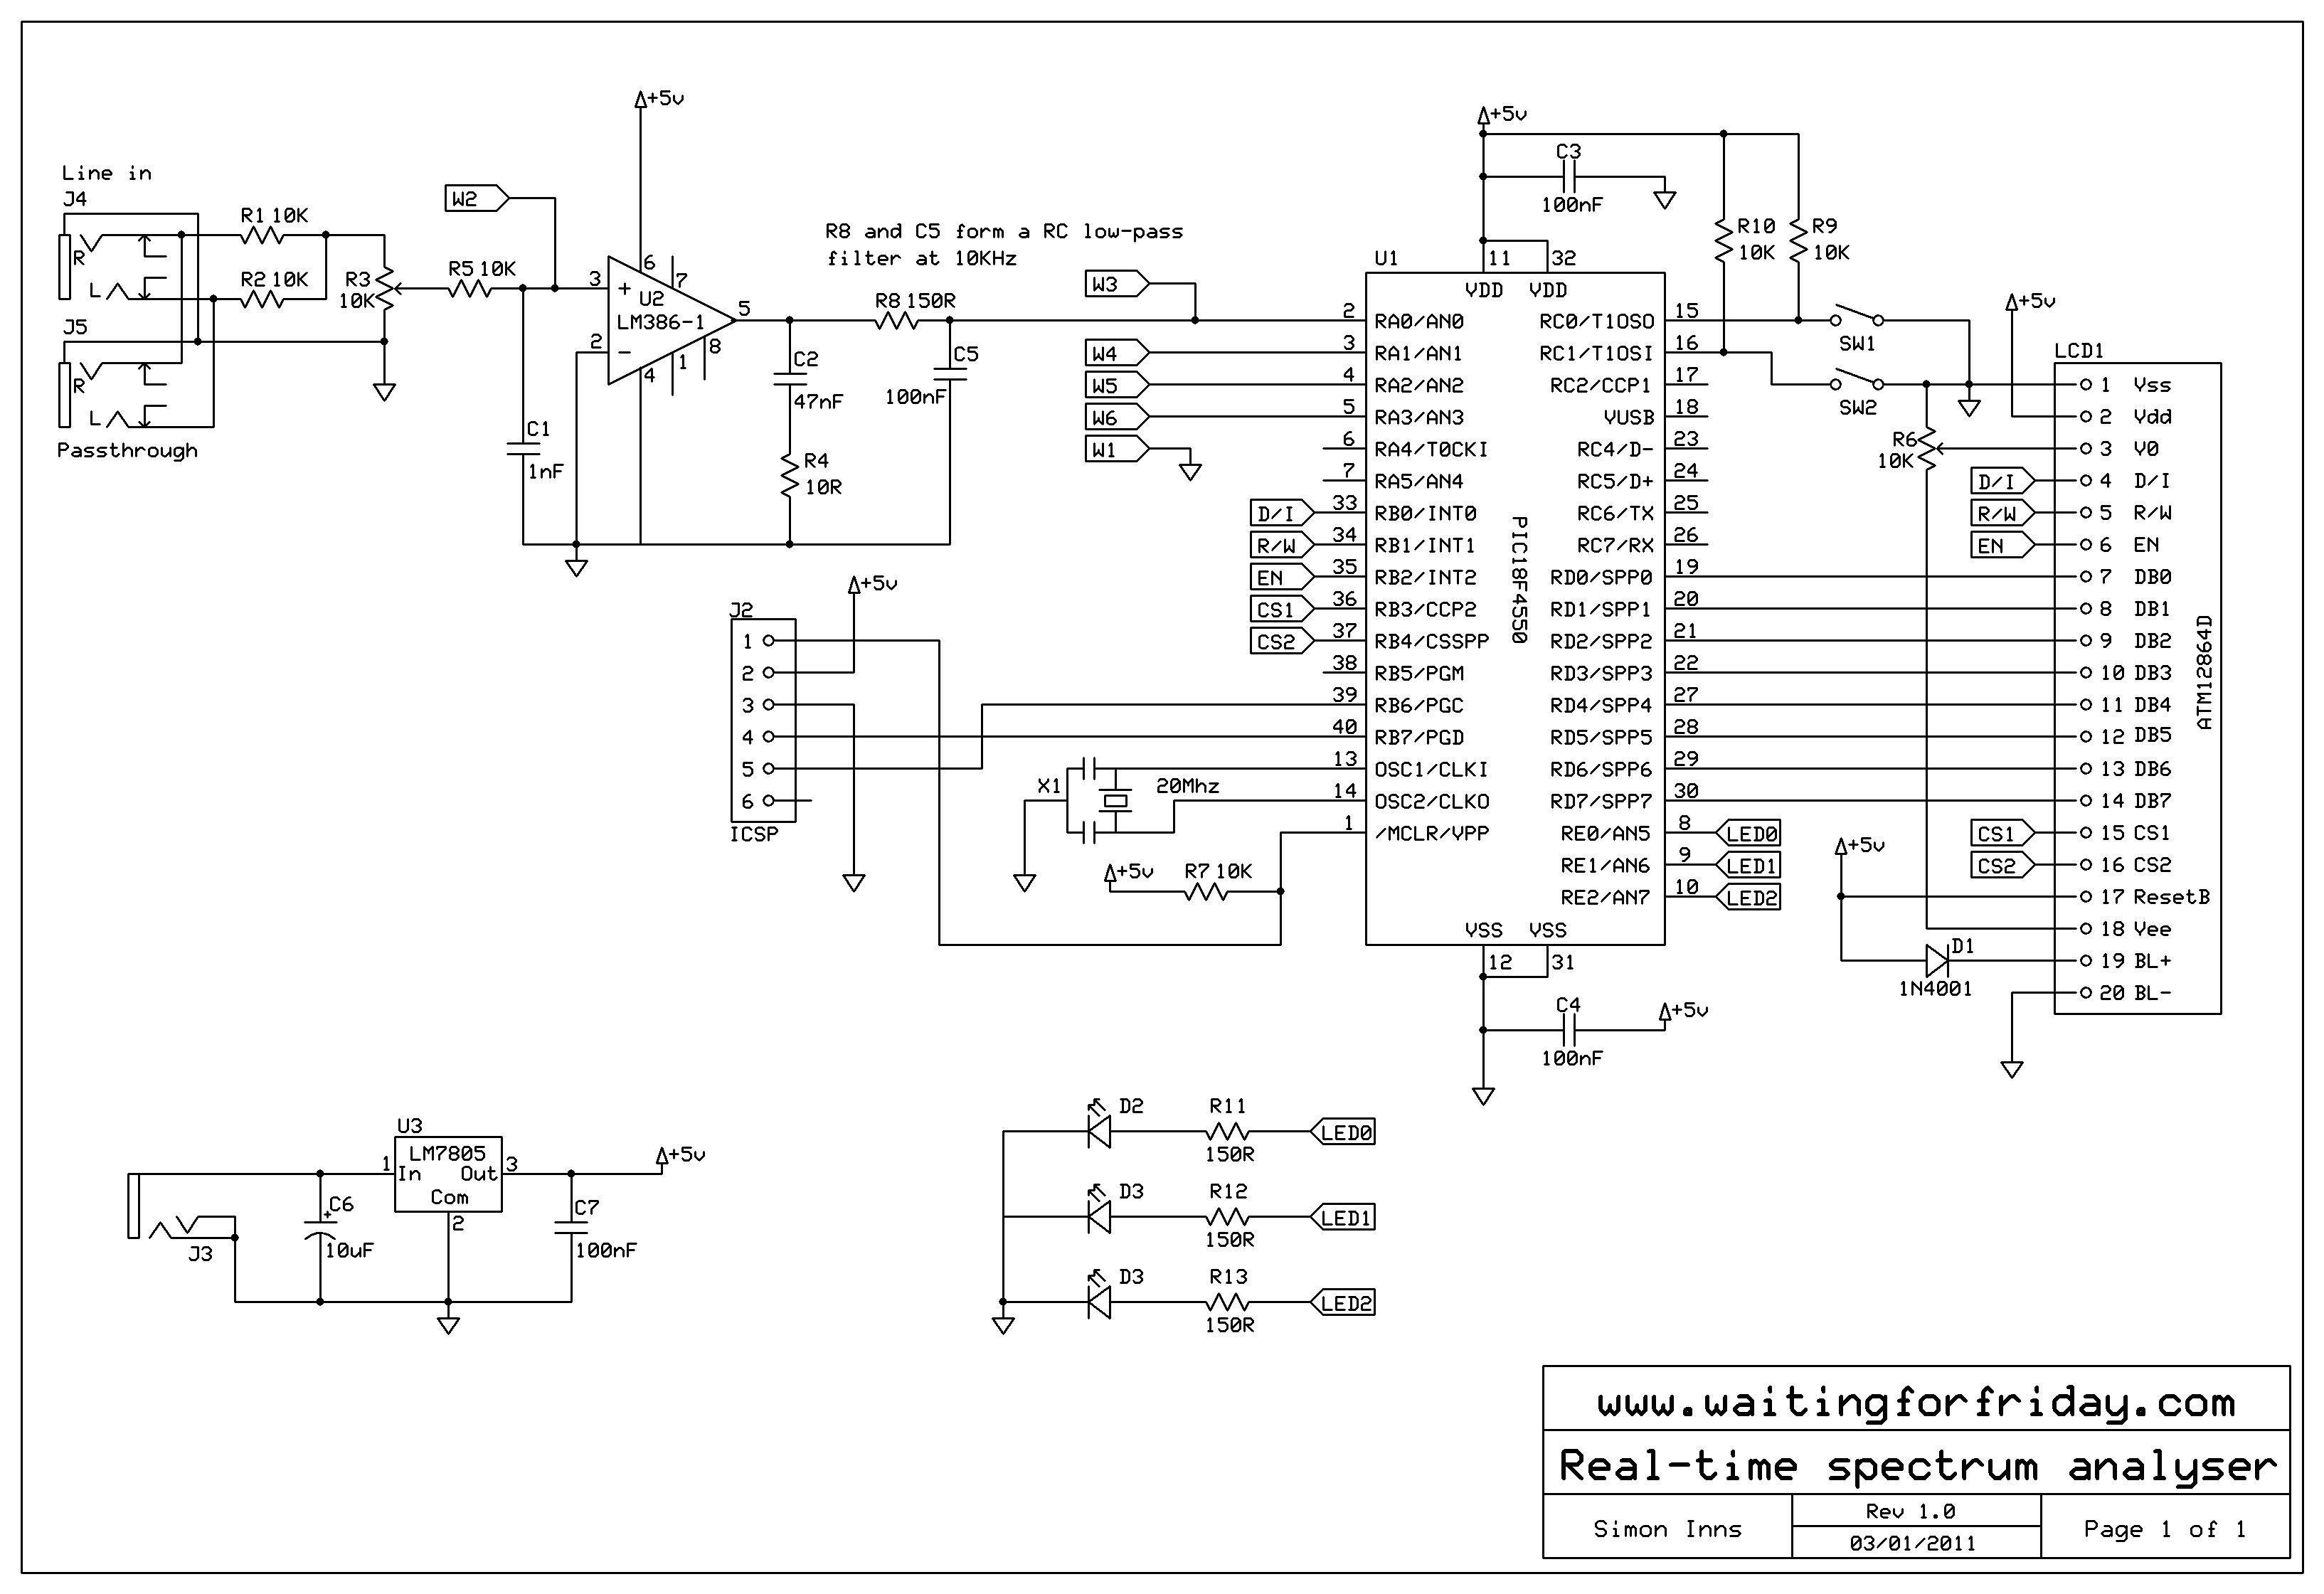 Принципиальная схема: анализатор спектра на PIC18F4550